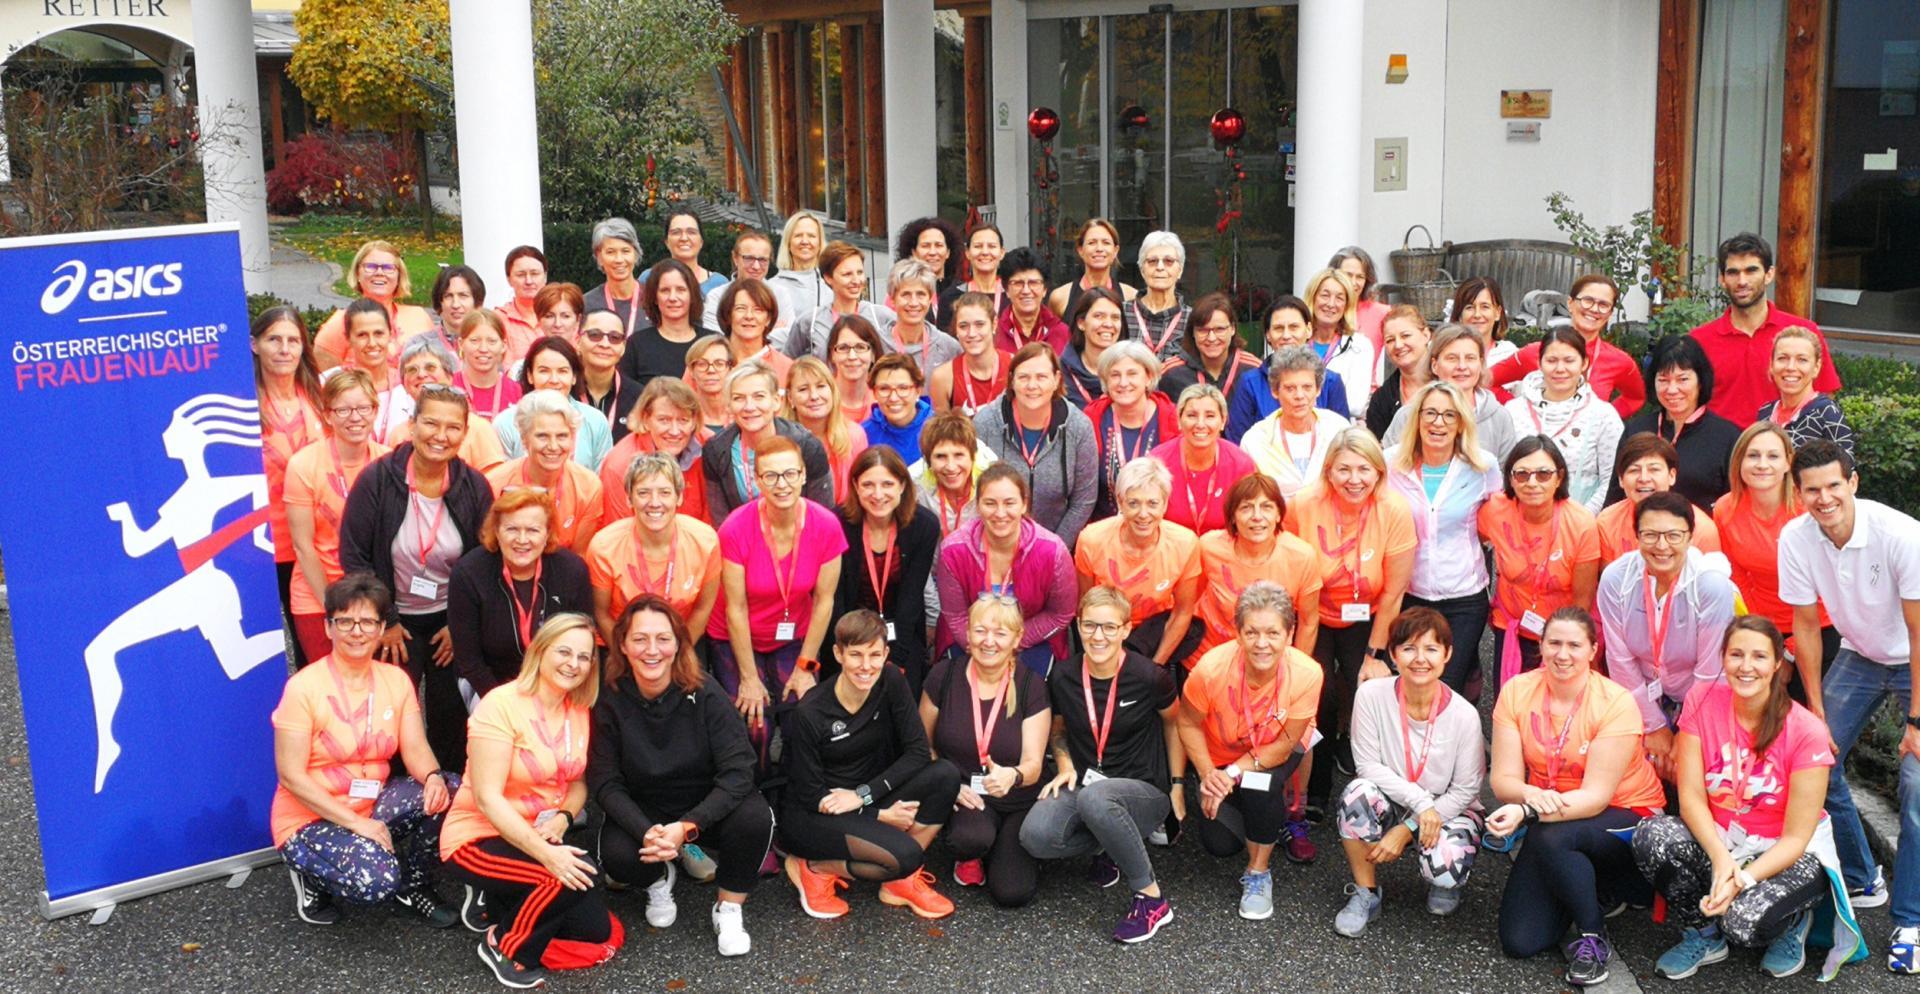 Birkfeld singles ab 50. Frauen aus treffen in kukmirn